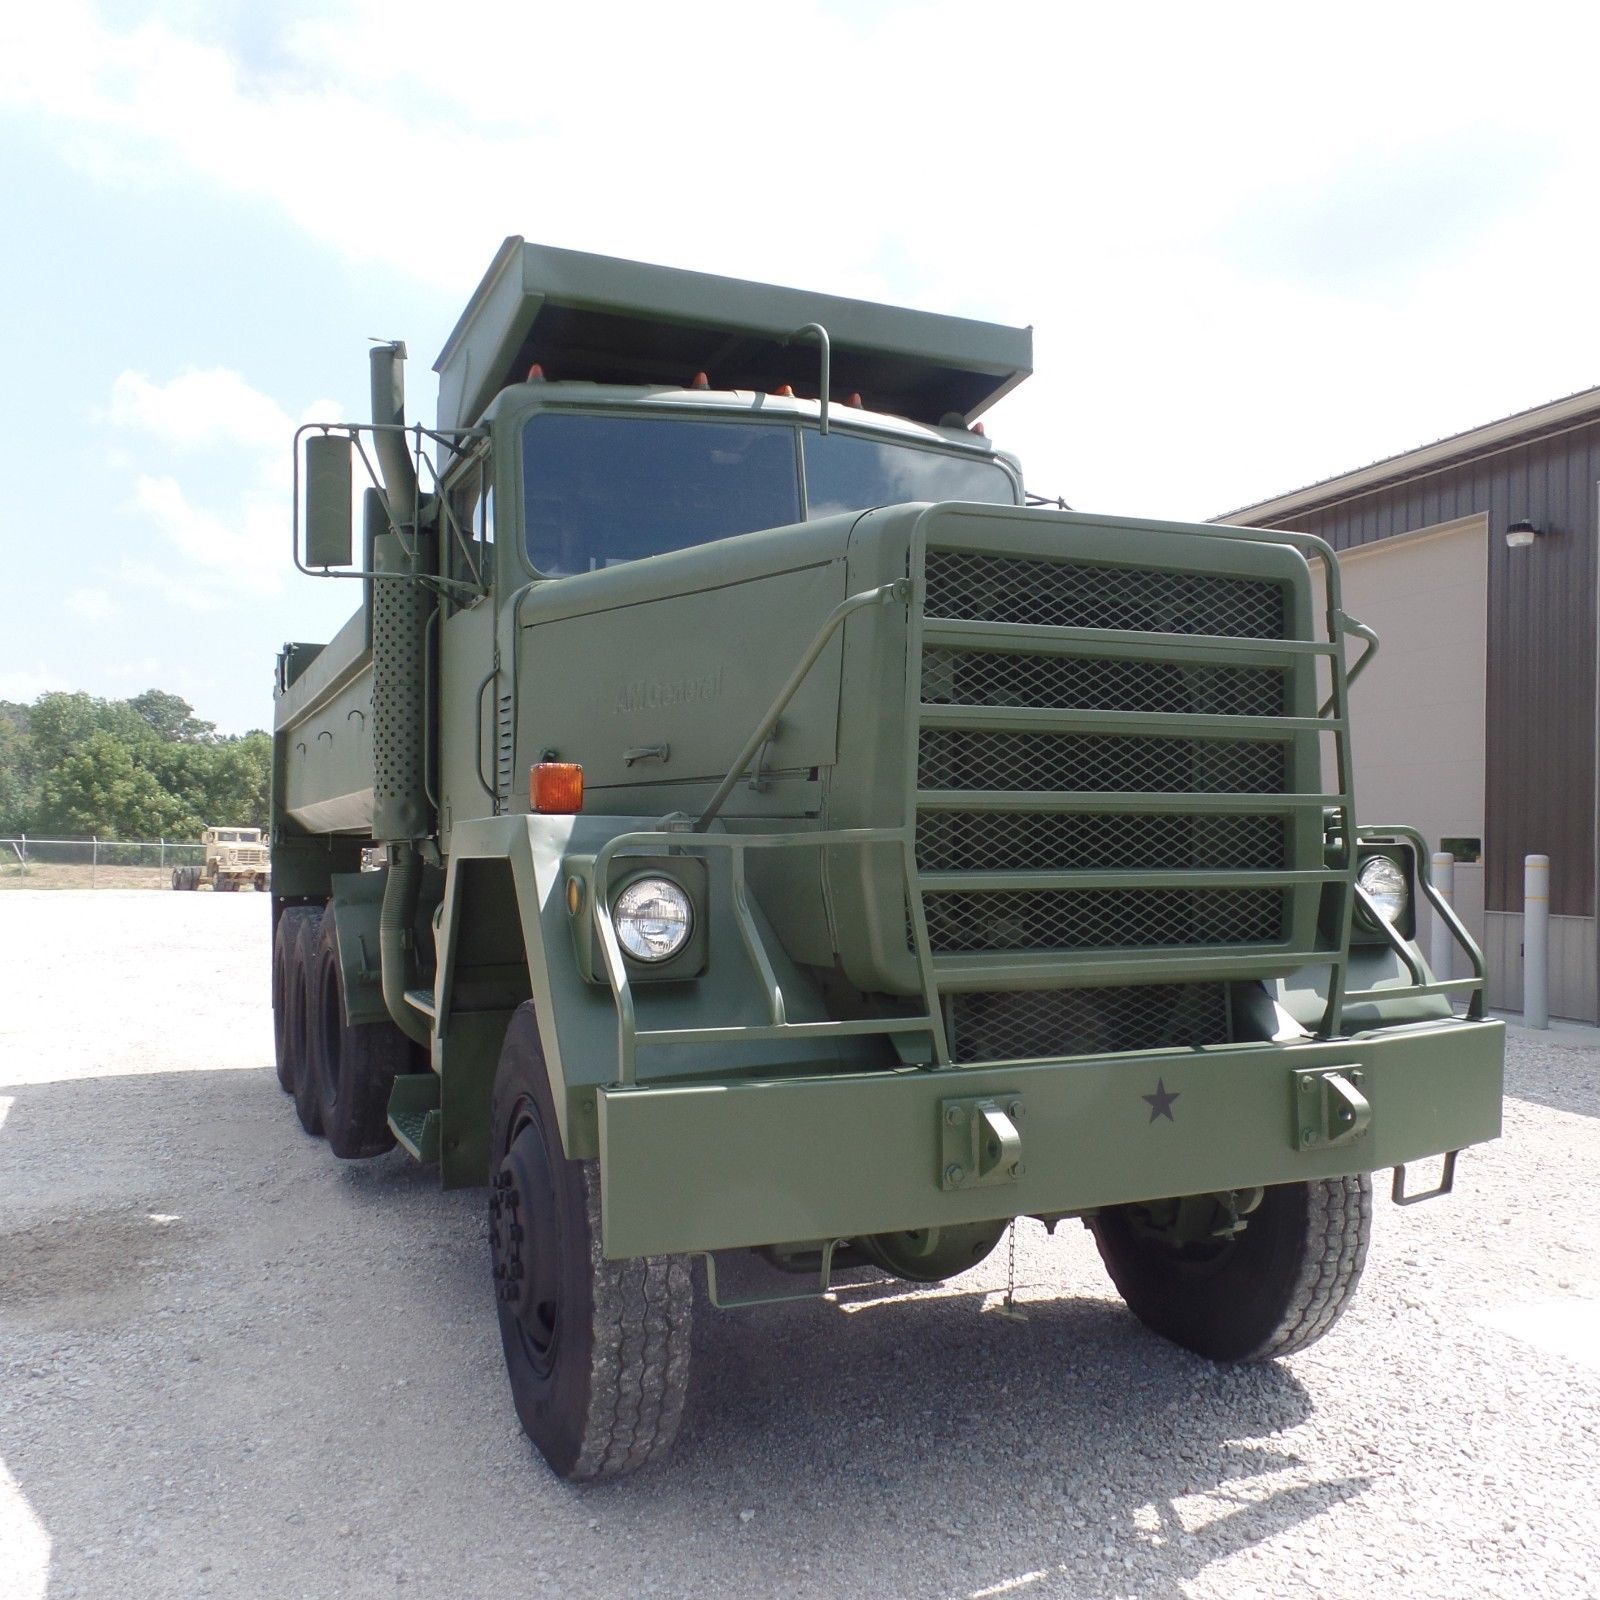 Clean 1979 AM General military dump truck